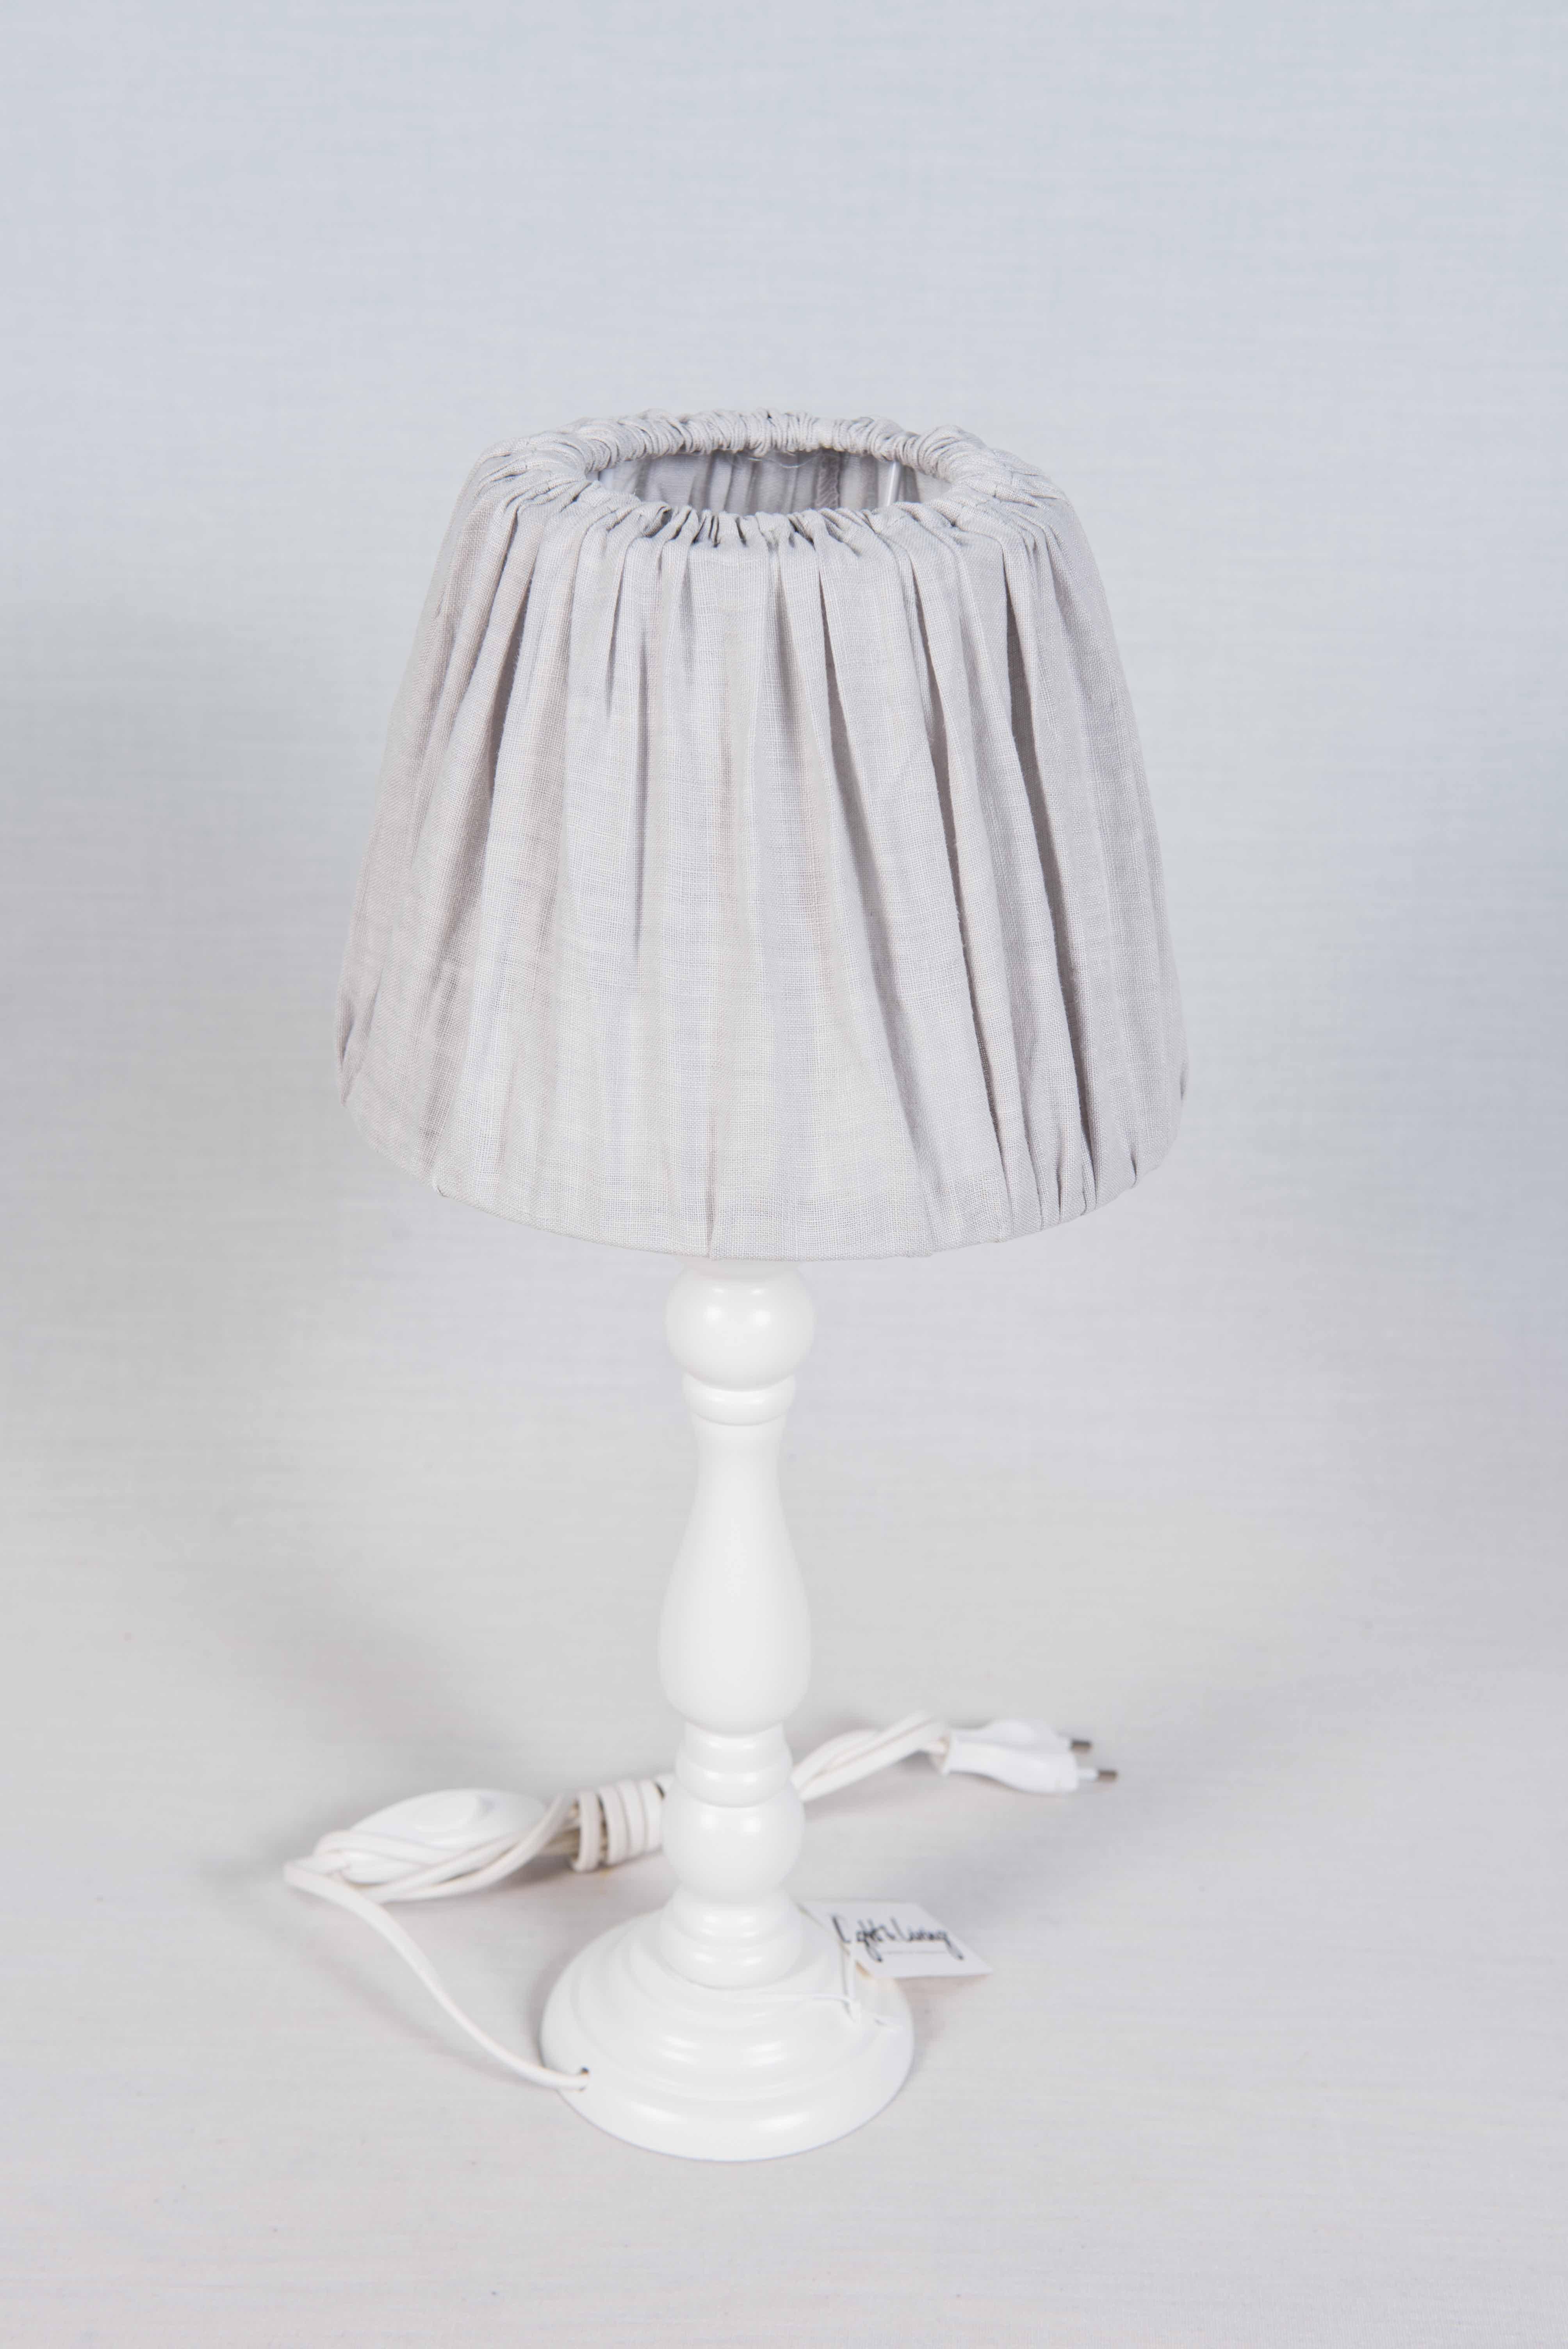 lampe poser boutique prestige chalets. Black Bedroom Furniture Sets. Home Design Ideas